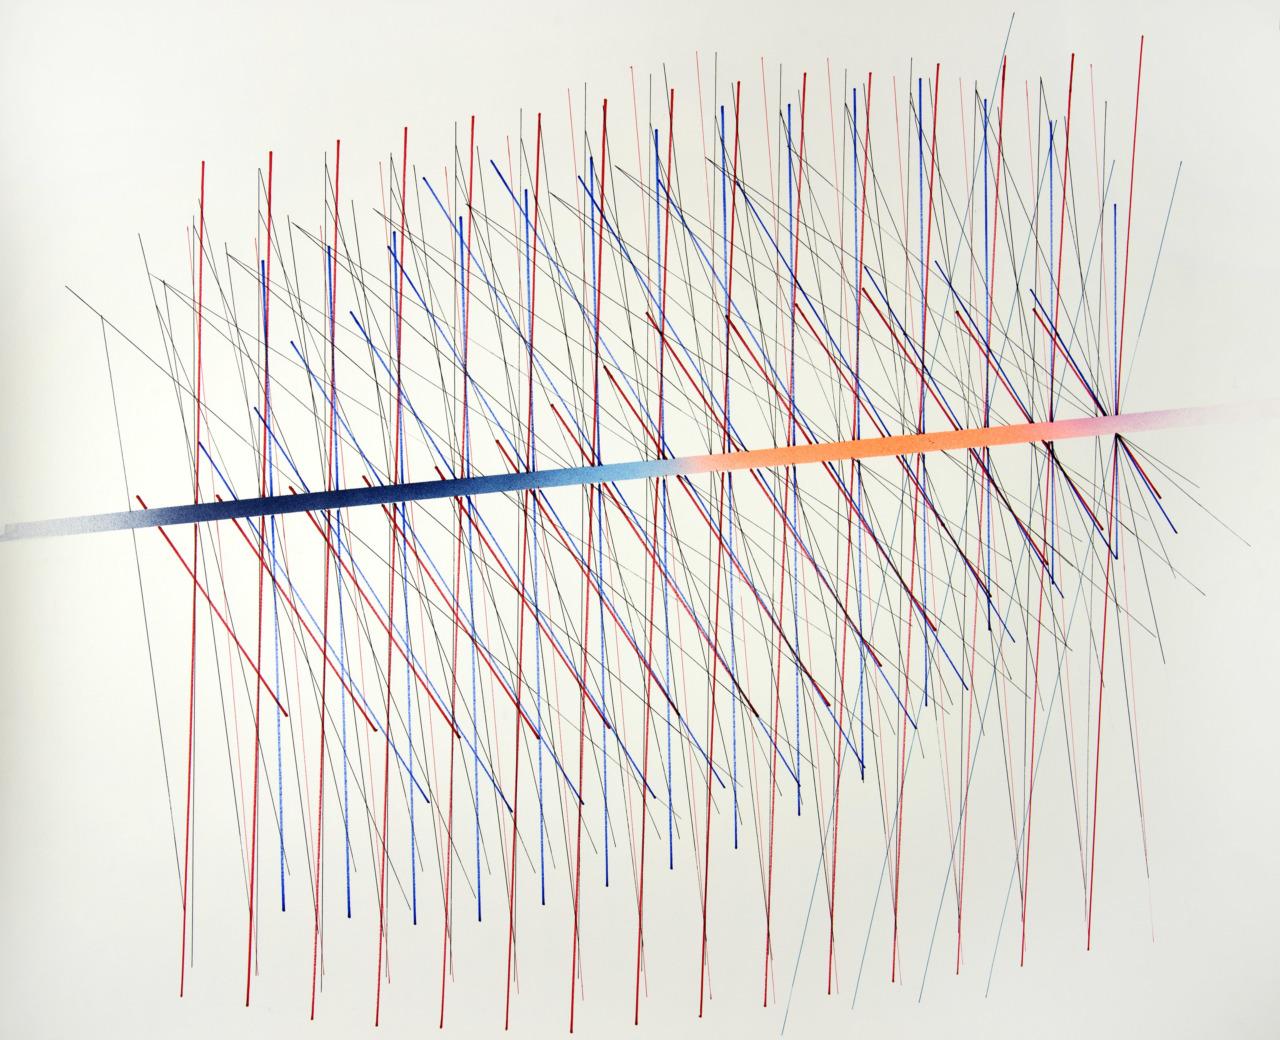 op100520-1. acrylic on paper, 98x120cm_w